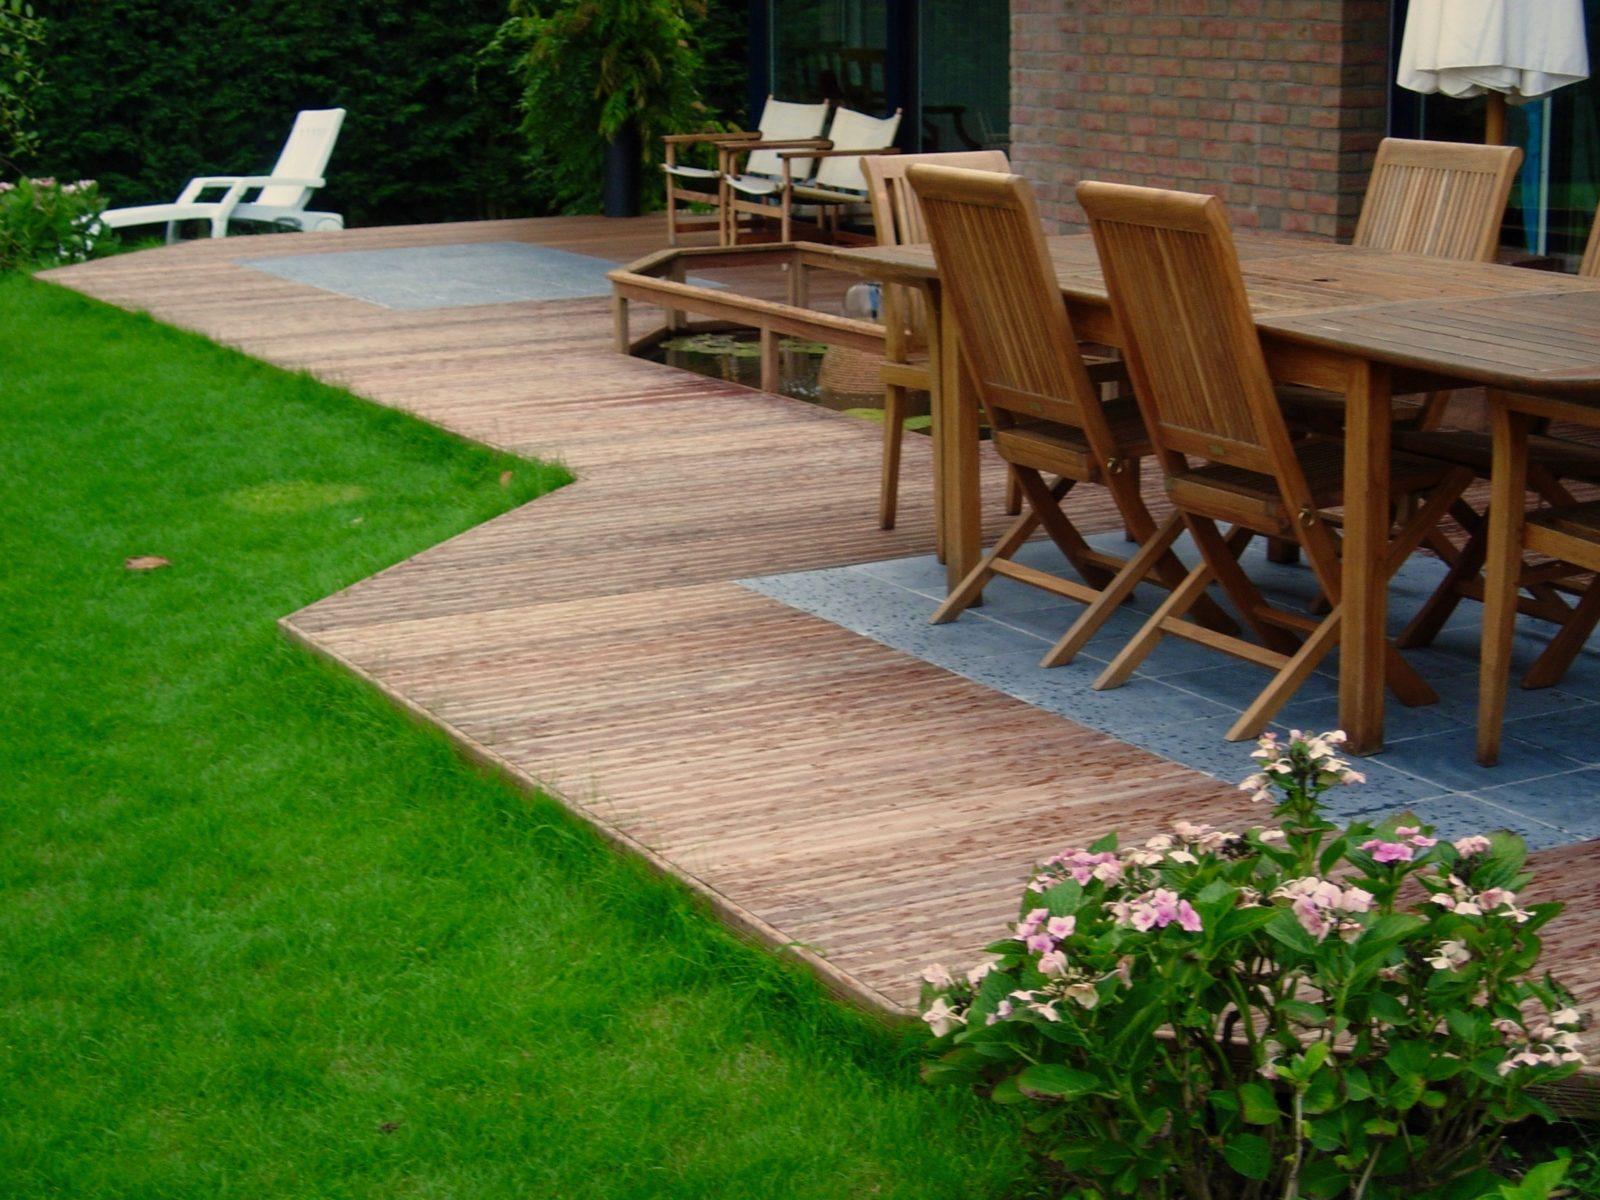 Choisir le bois de sa terrasse bois extérieure